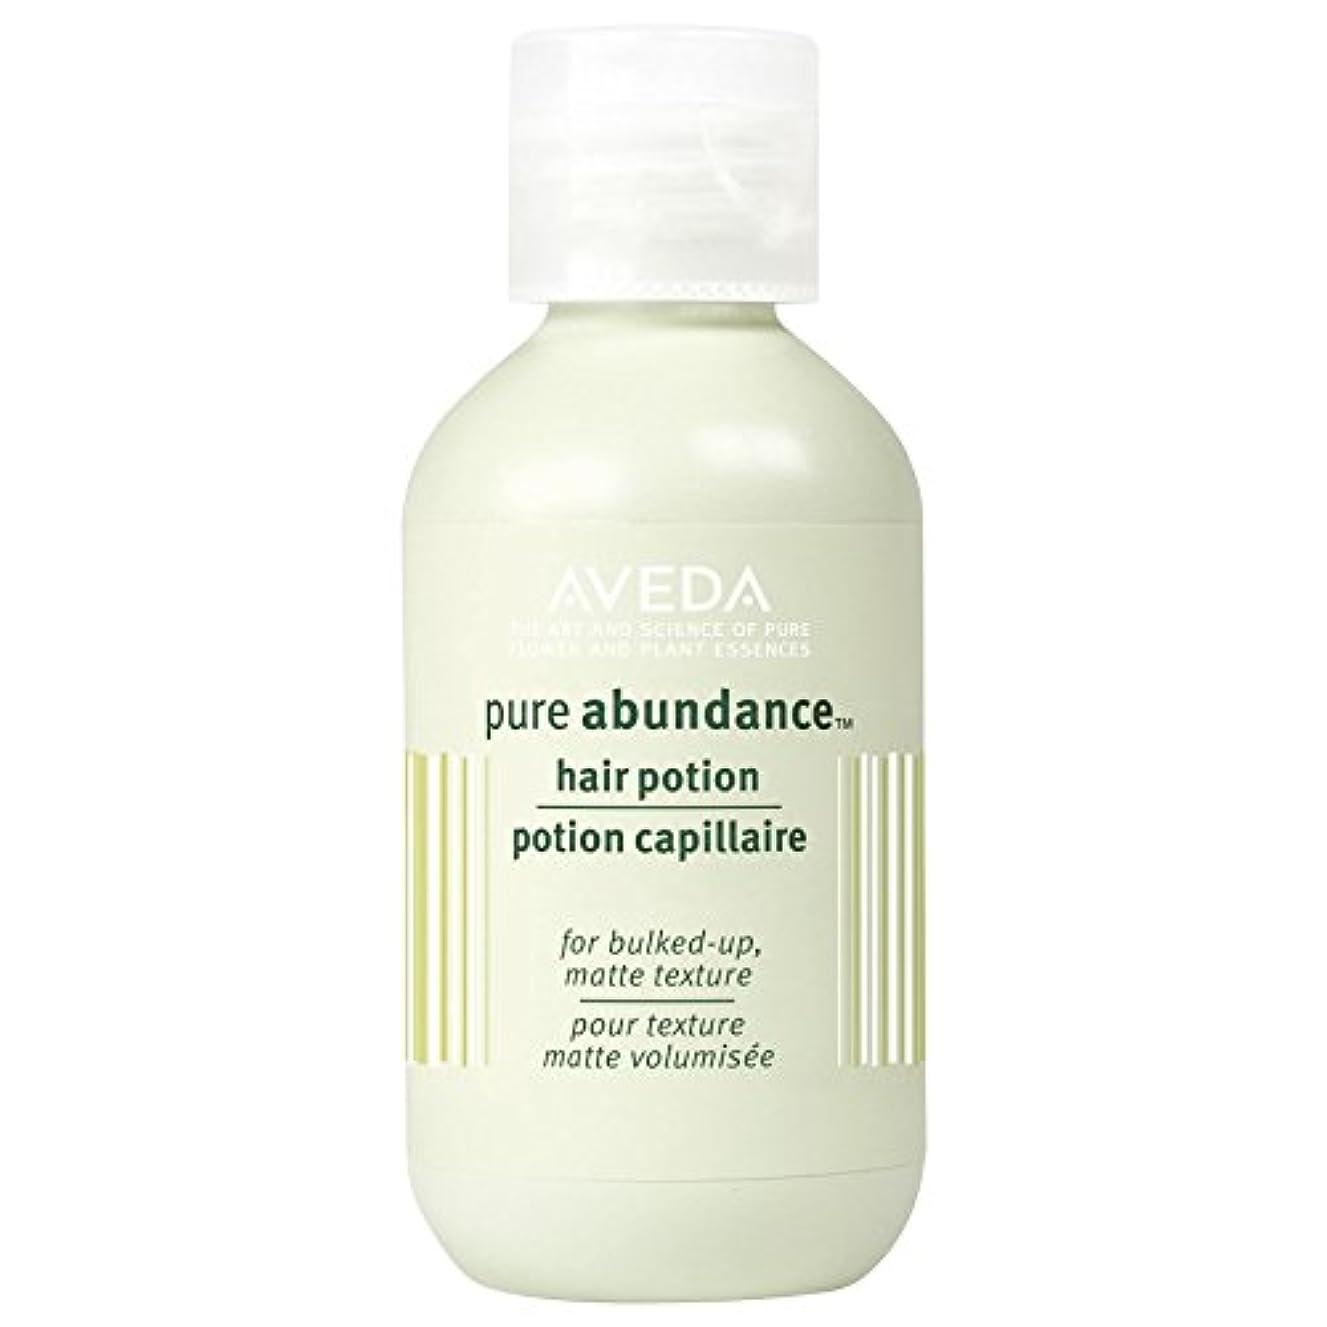 変形するコミュニケーション変装[AVEDA] アヴェダピュア豊富ヘアポーション20グラム - Aveda Pure Abundance Hair Potion 20g [並行輸入品]